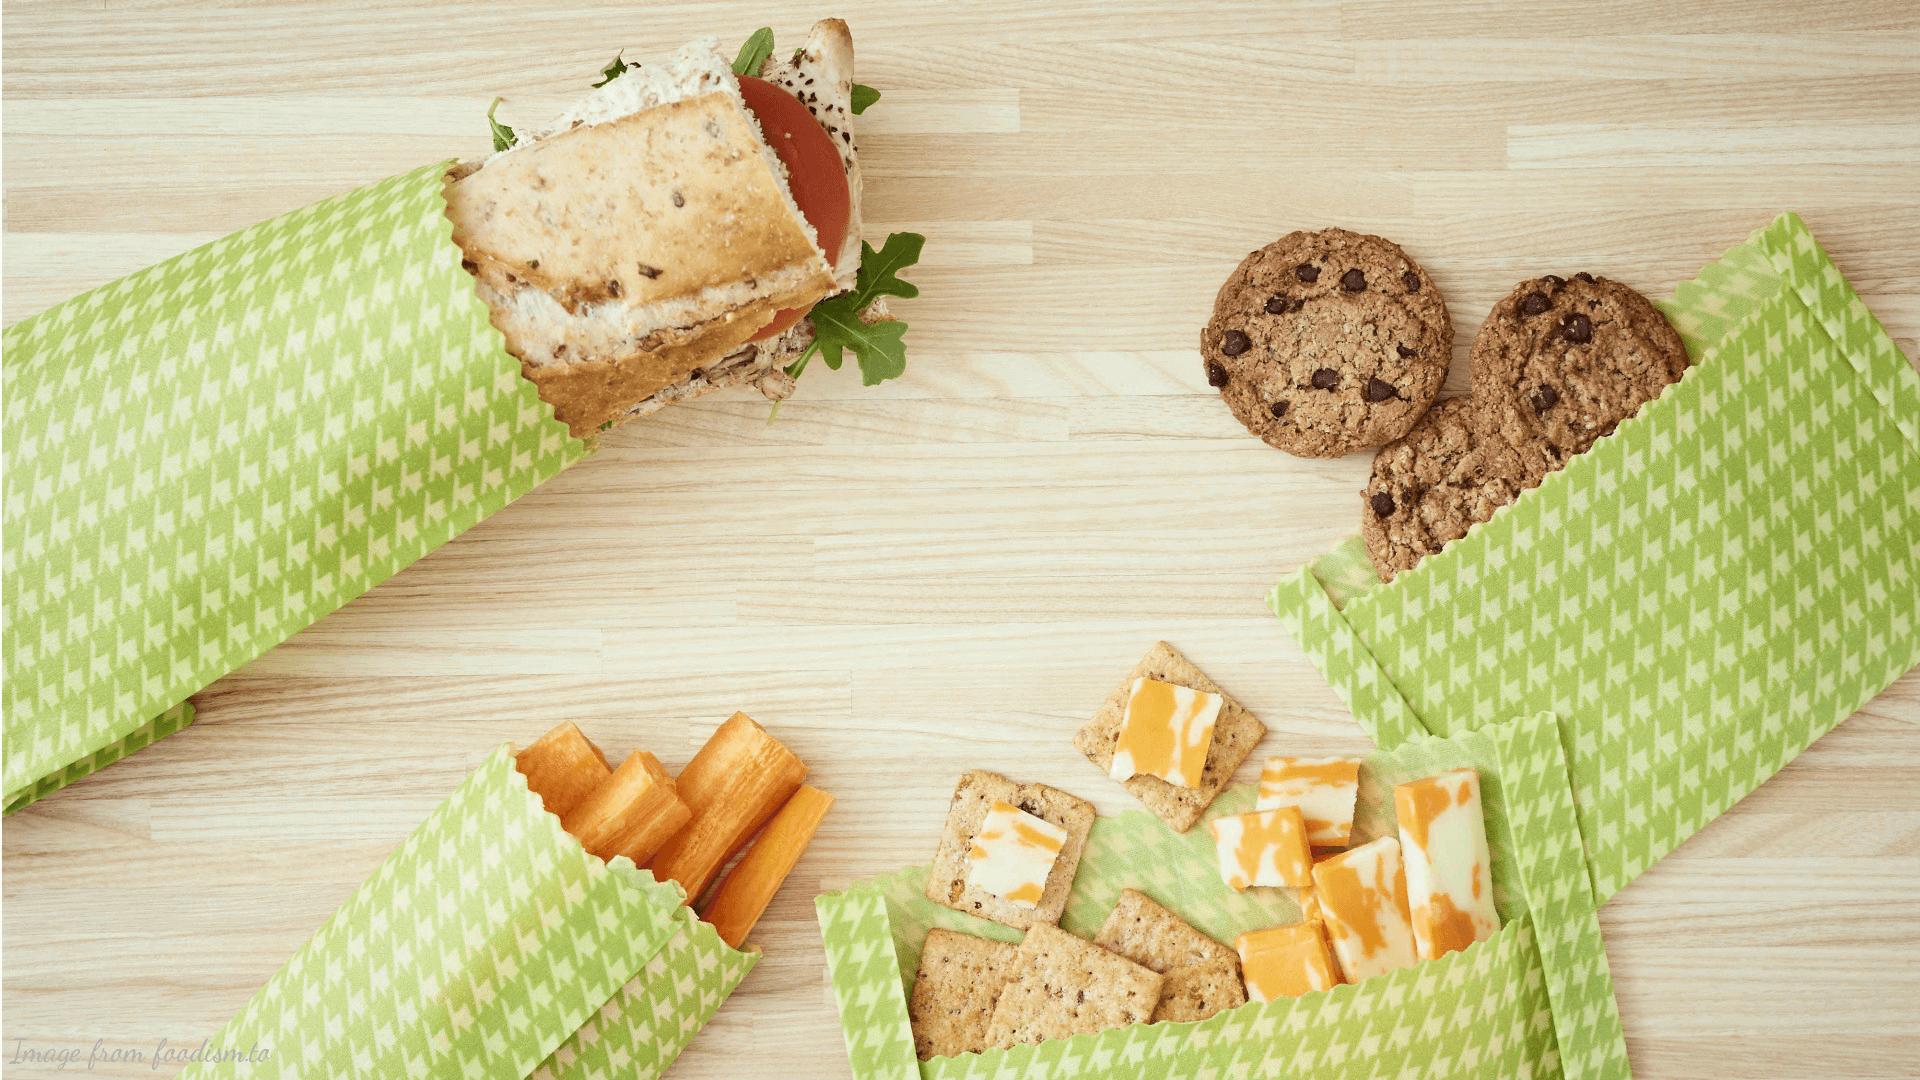 Best Reusable Sandwich Bags Reviews